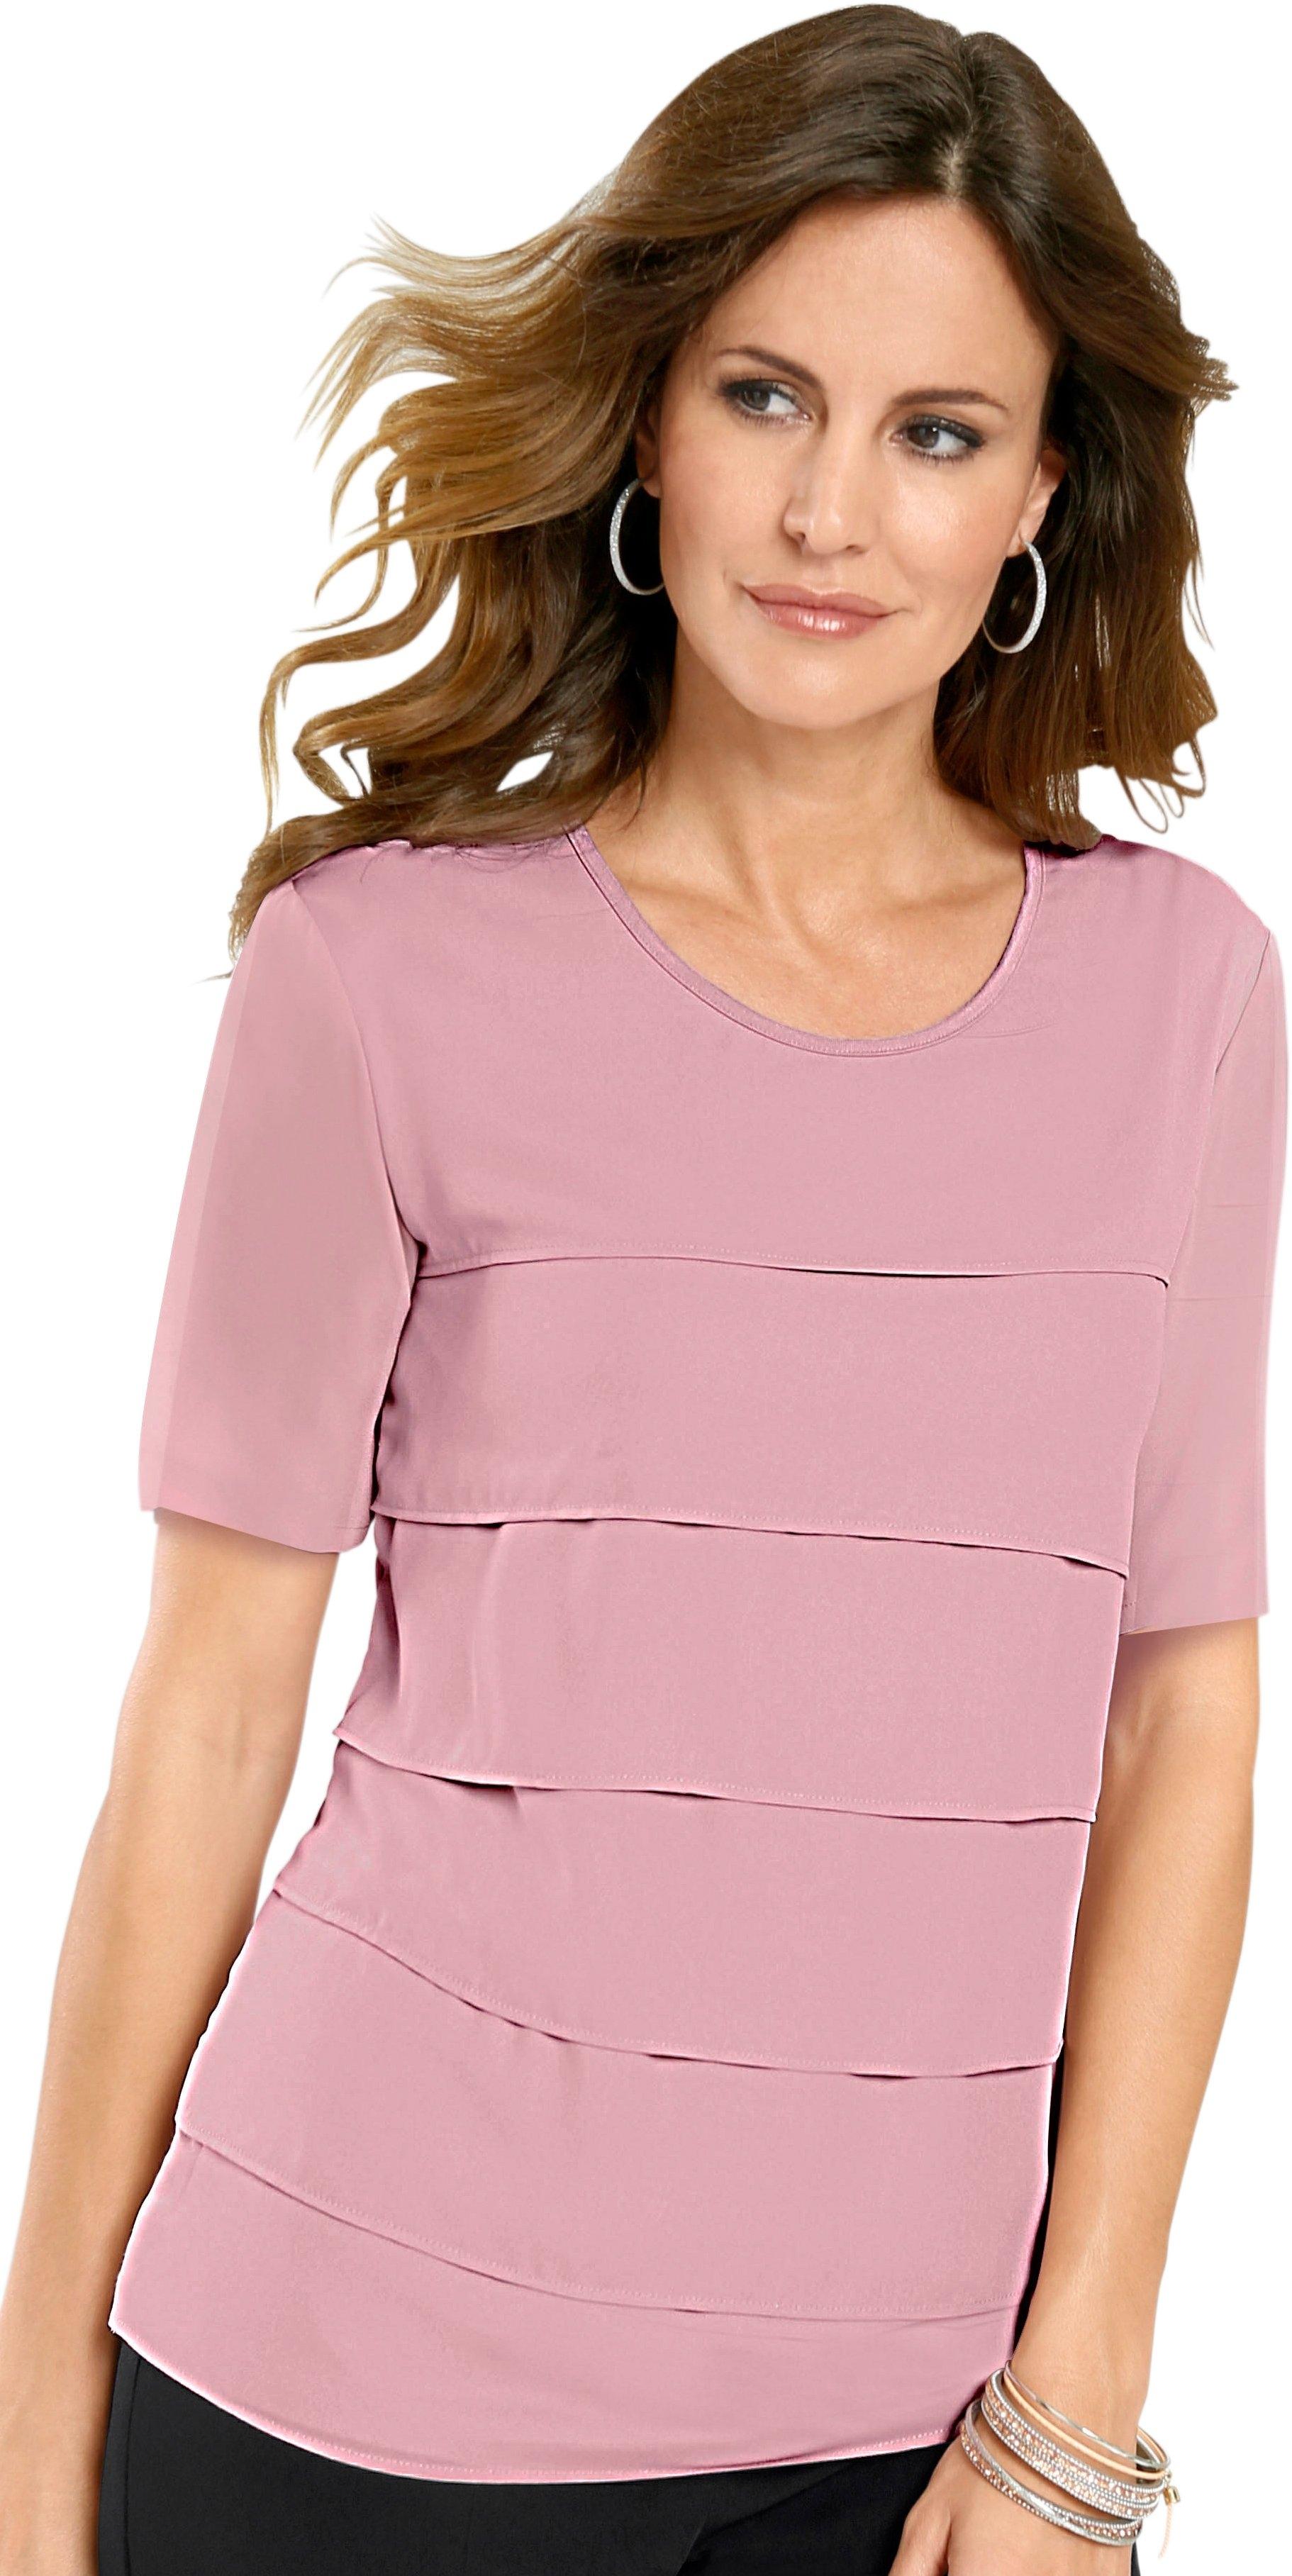 Lady blouse met flatteus vallende chiffonlagen voor voordelig en veilig online kopen